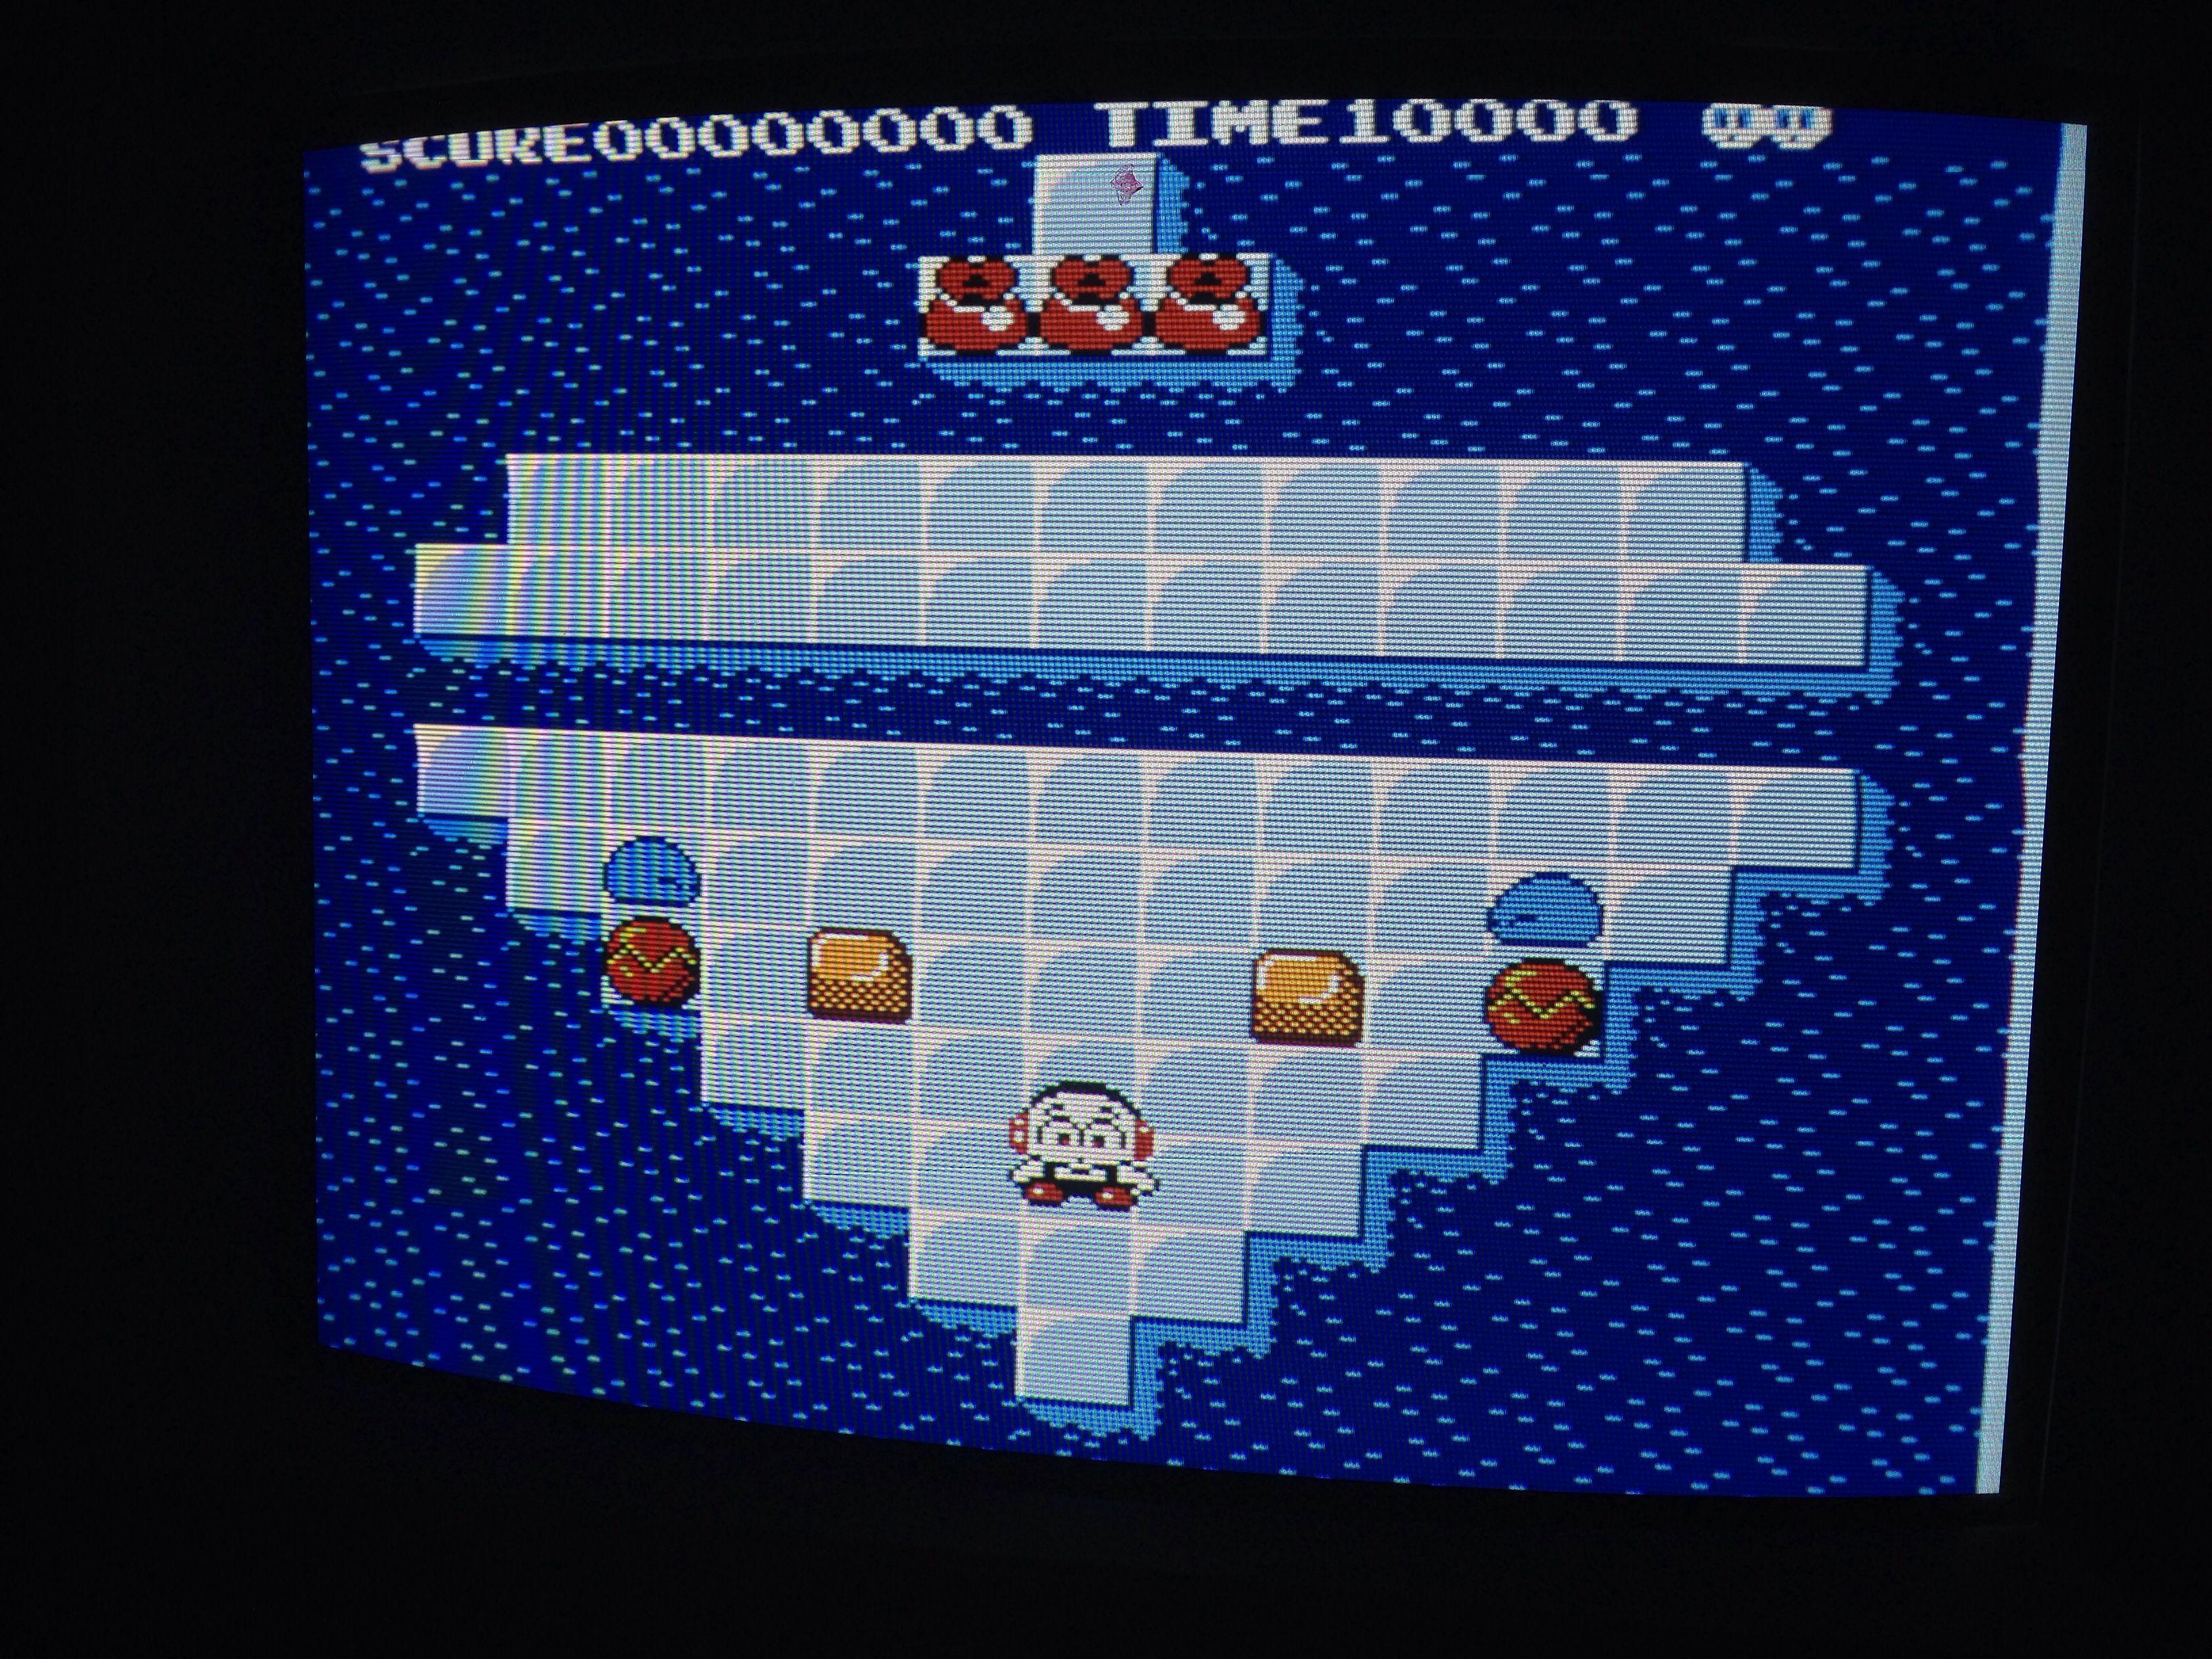 Kickle Cubicle - NES